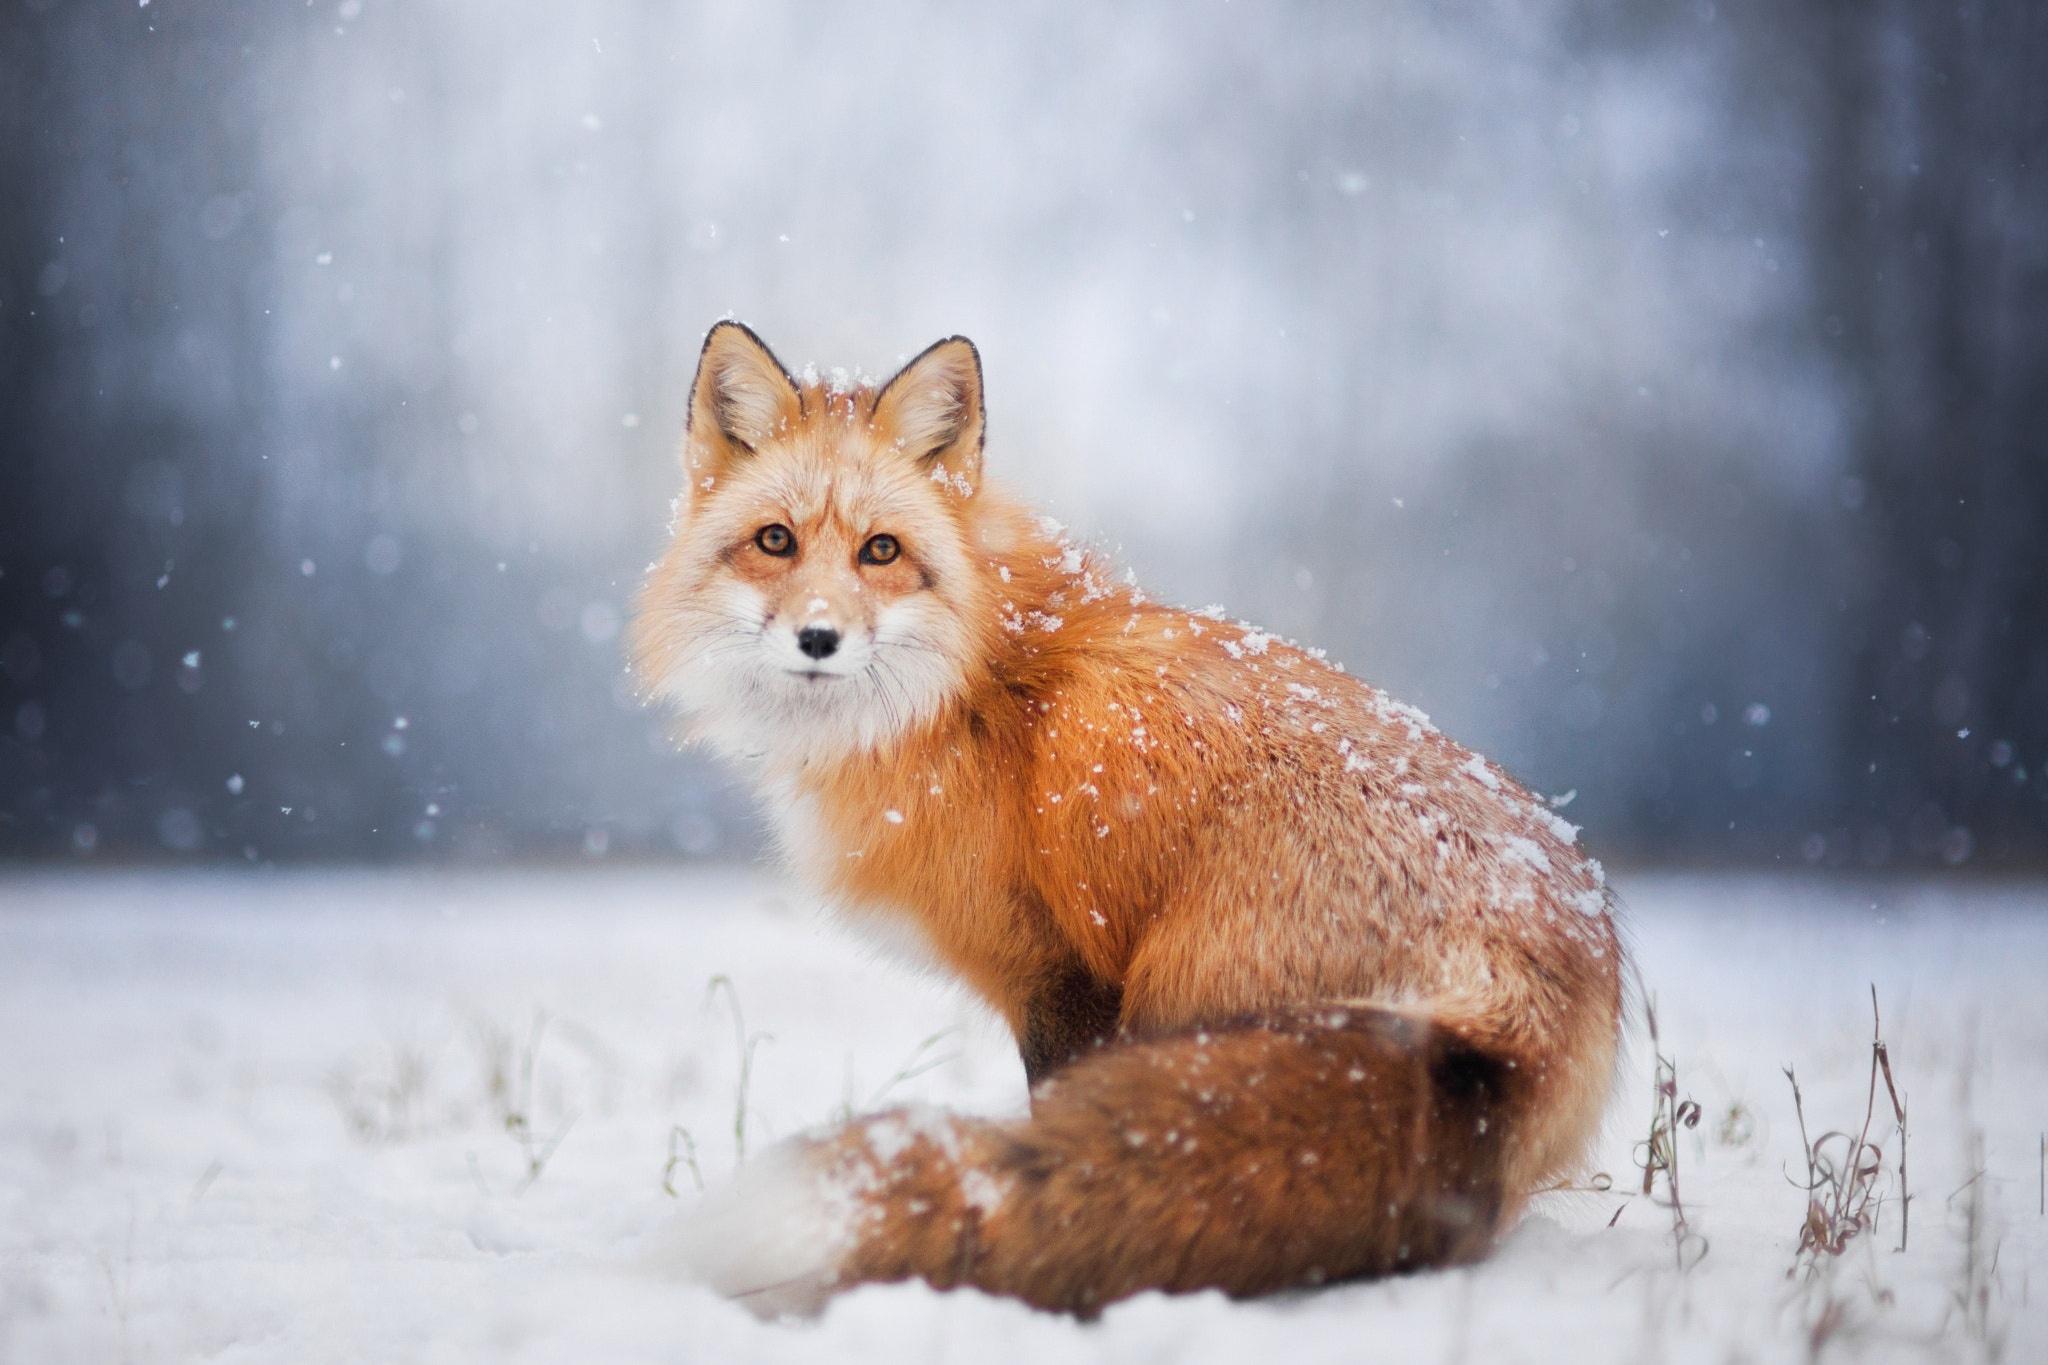 красивые фото животных в снегу потолки